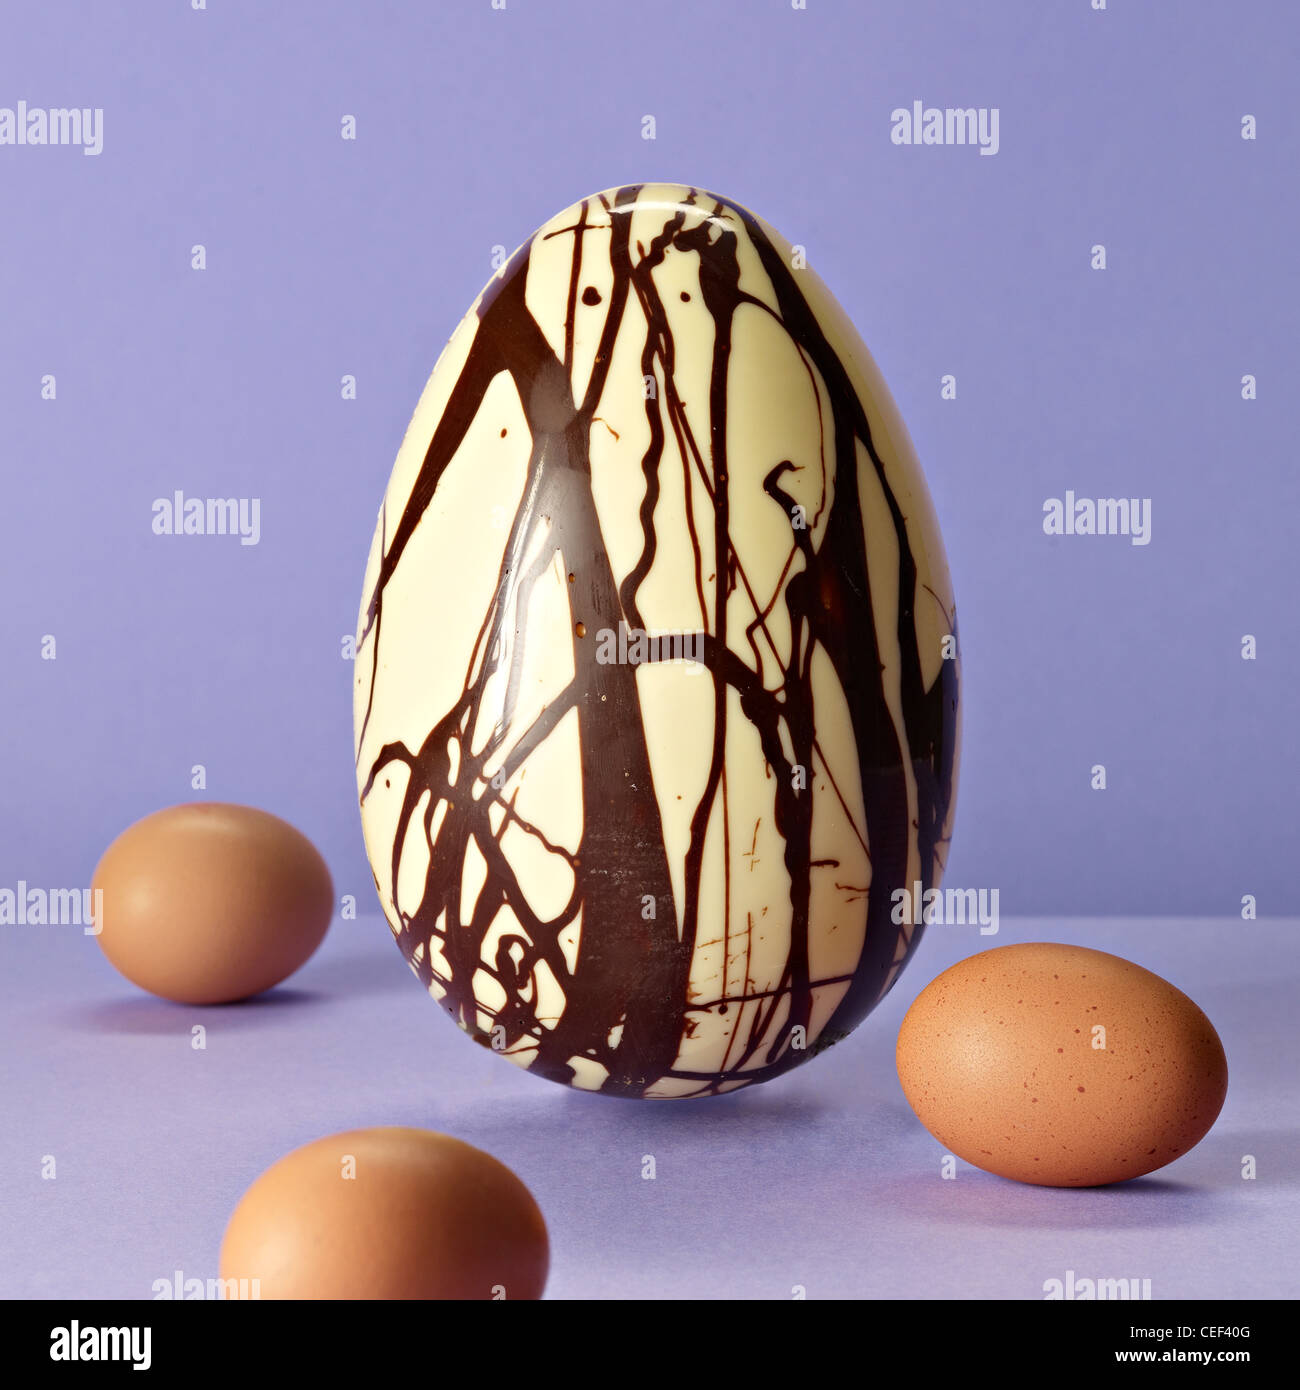 Le chocolat blanc et le chocolat au lait, œuf de Pâques Photo Stock